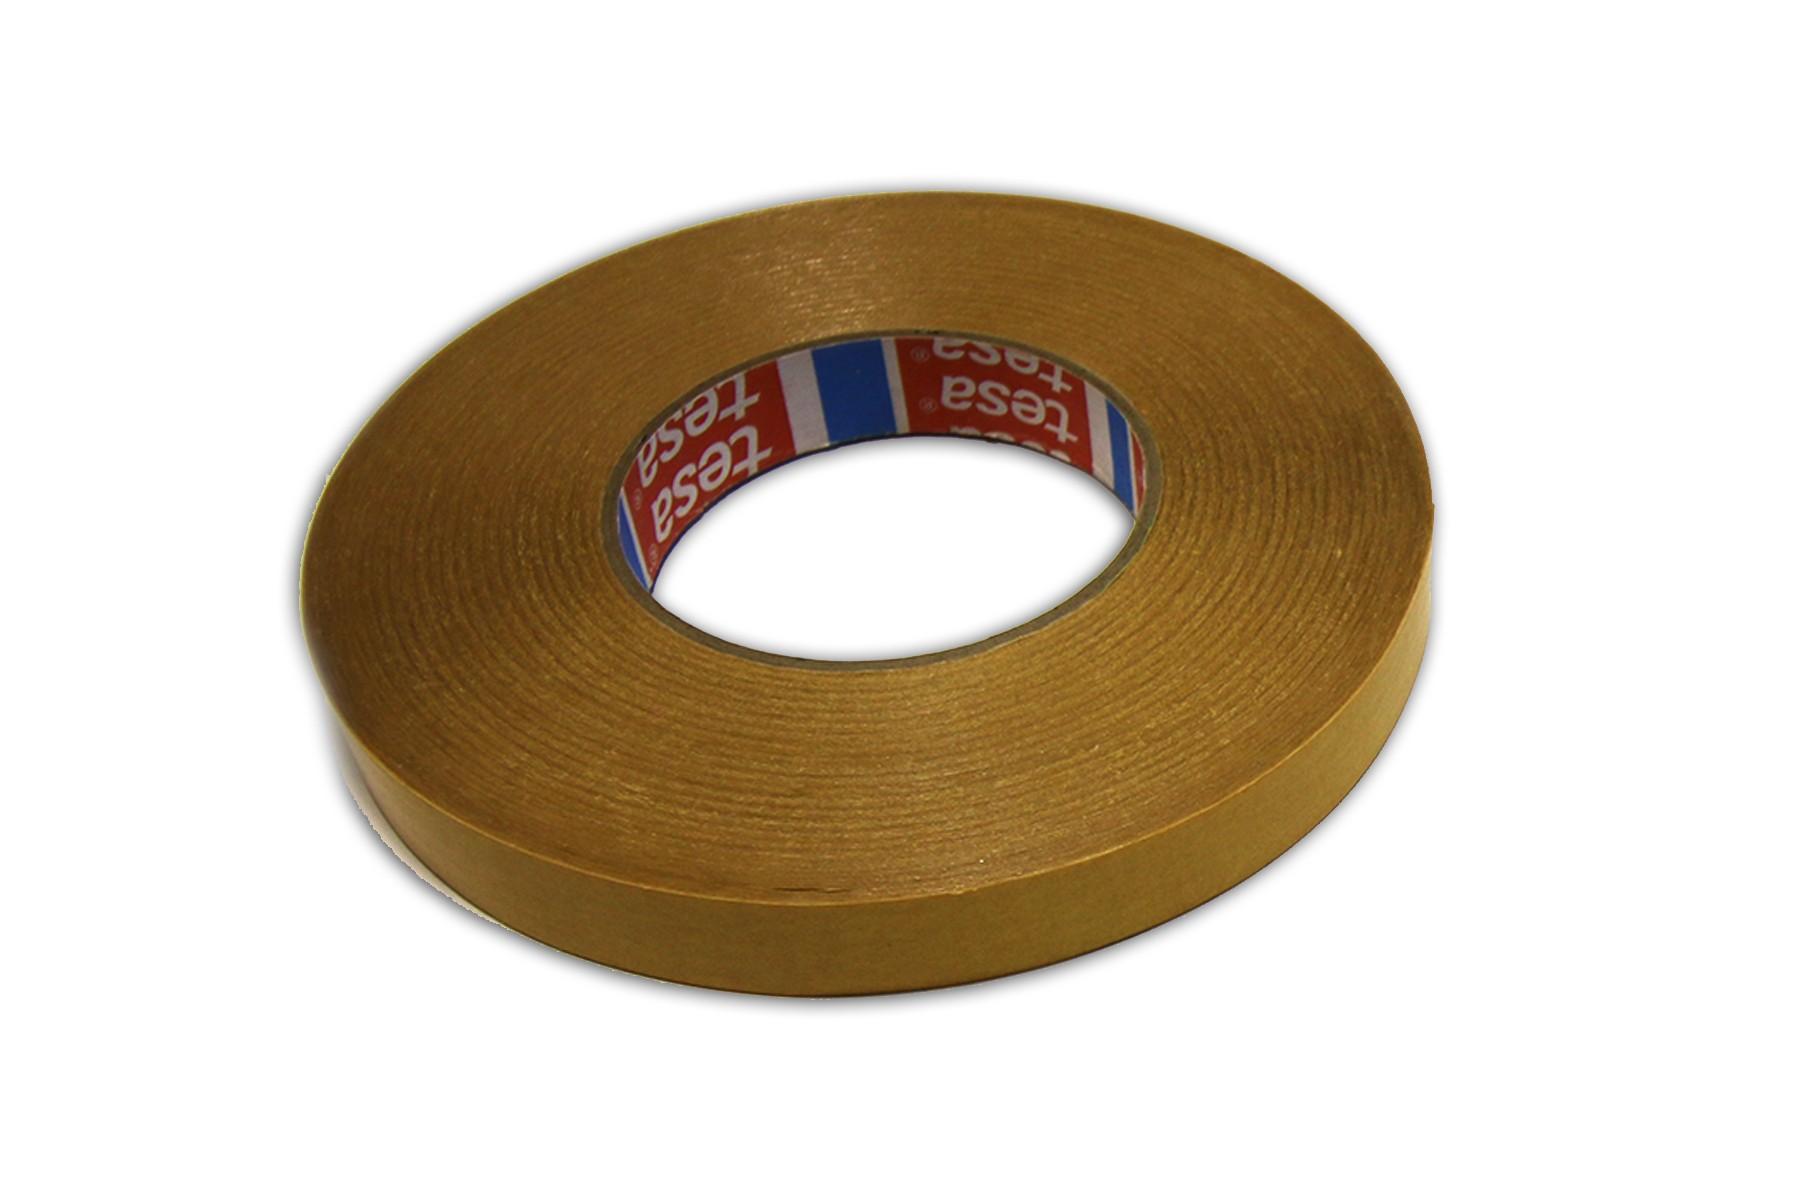 Tape, Tesa (Tuff) 25mm x 55m (1 in) -